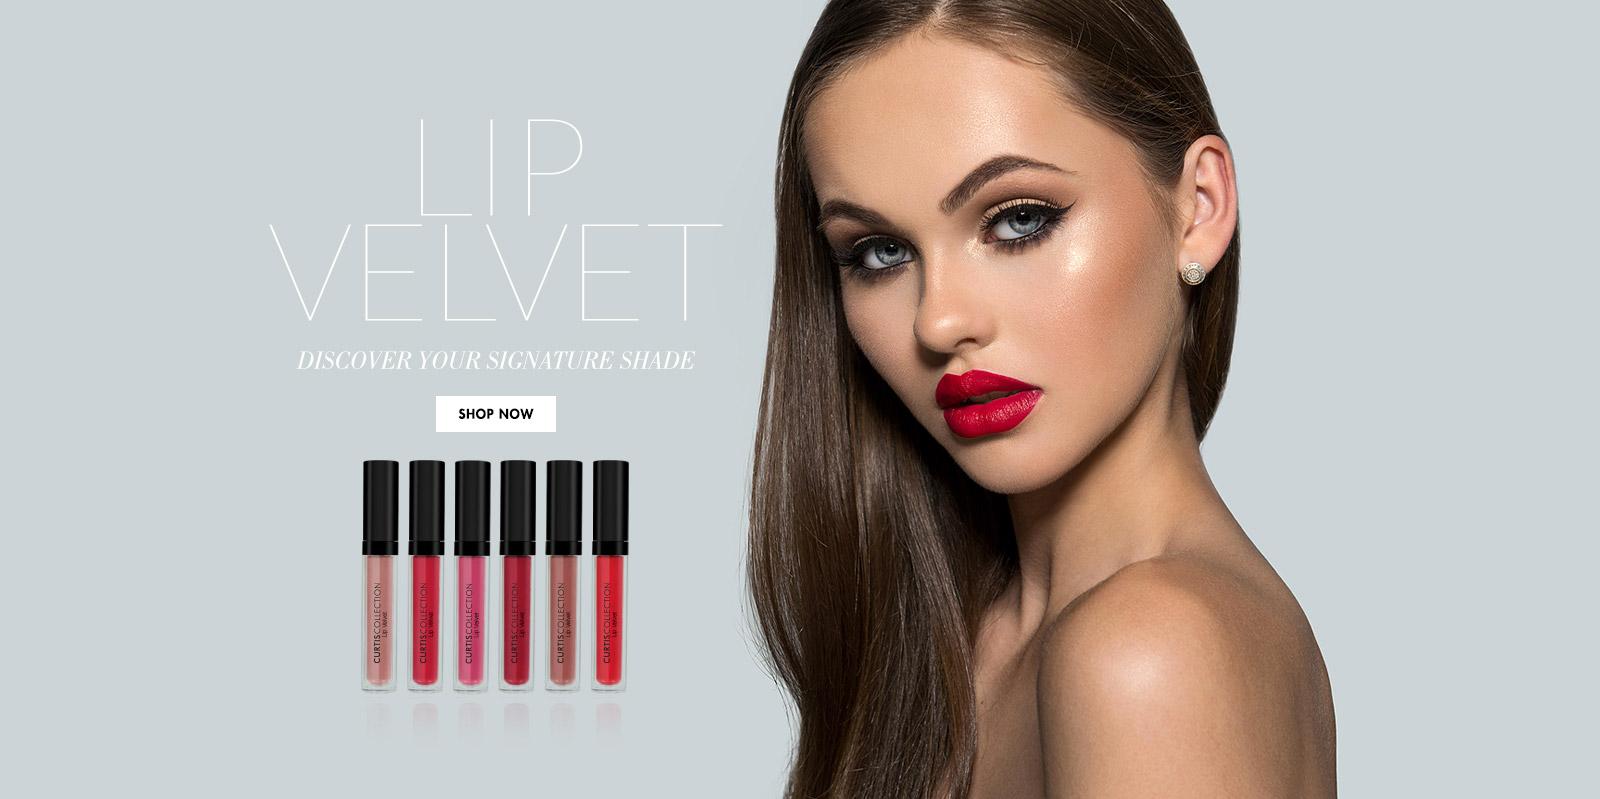 Lip Velvet